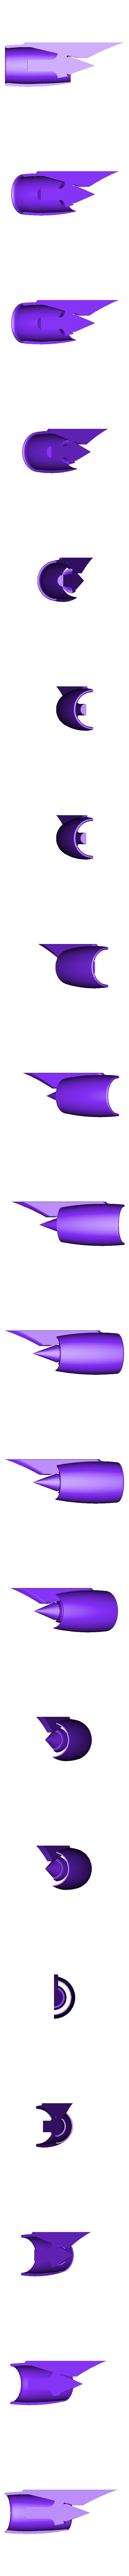 engine.STL Télécharger fichier STL gratuit Airbus A350 XWB Lufthansa Airliner Sacle 1/100 • Design pour imprimante 3D, BeneHill